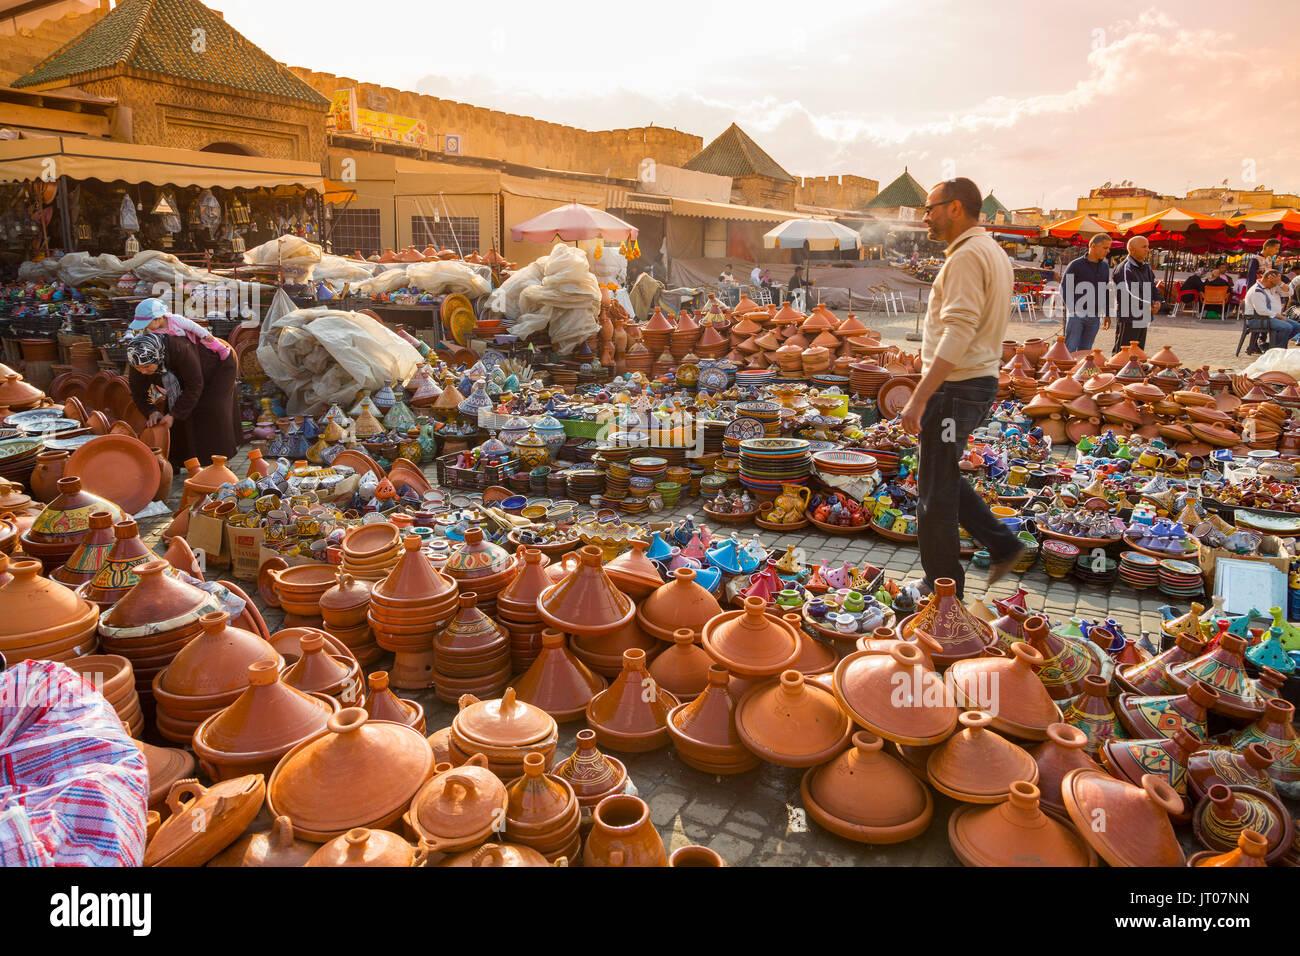 Ceramiche, piatti tajines, città imperiale Meknes, Marocco, Maghreb Nord Africa Immagini Stock